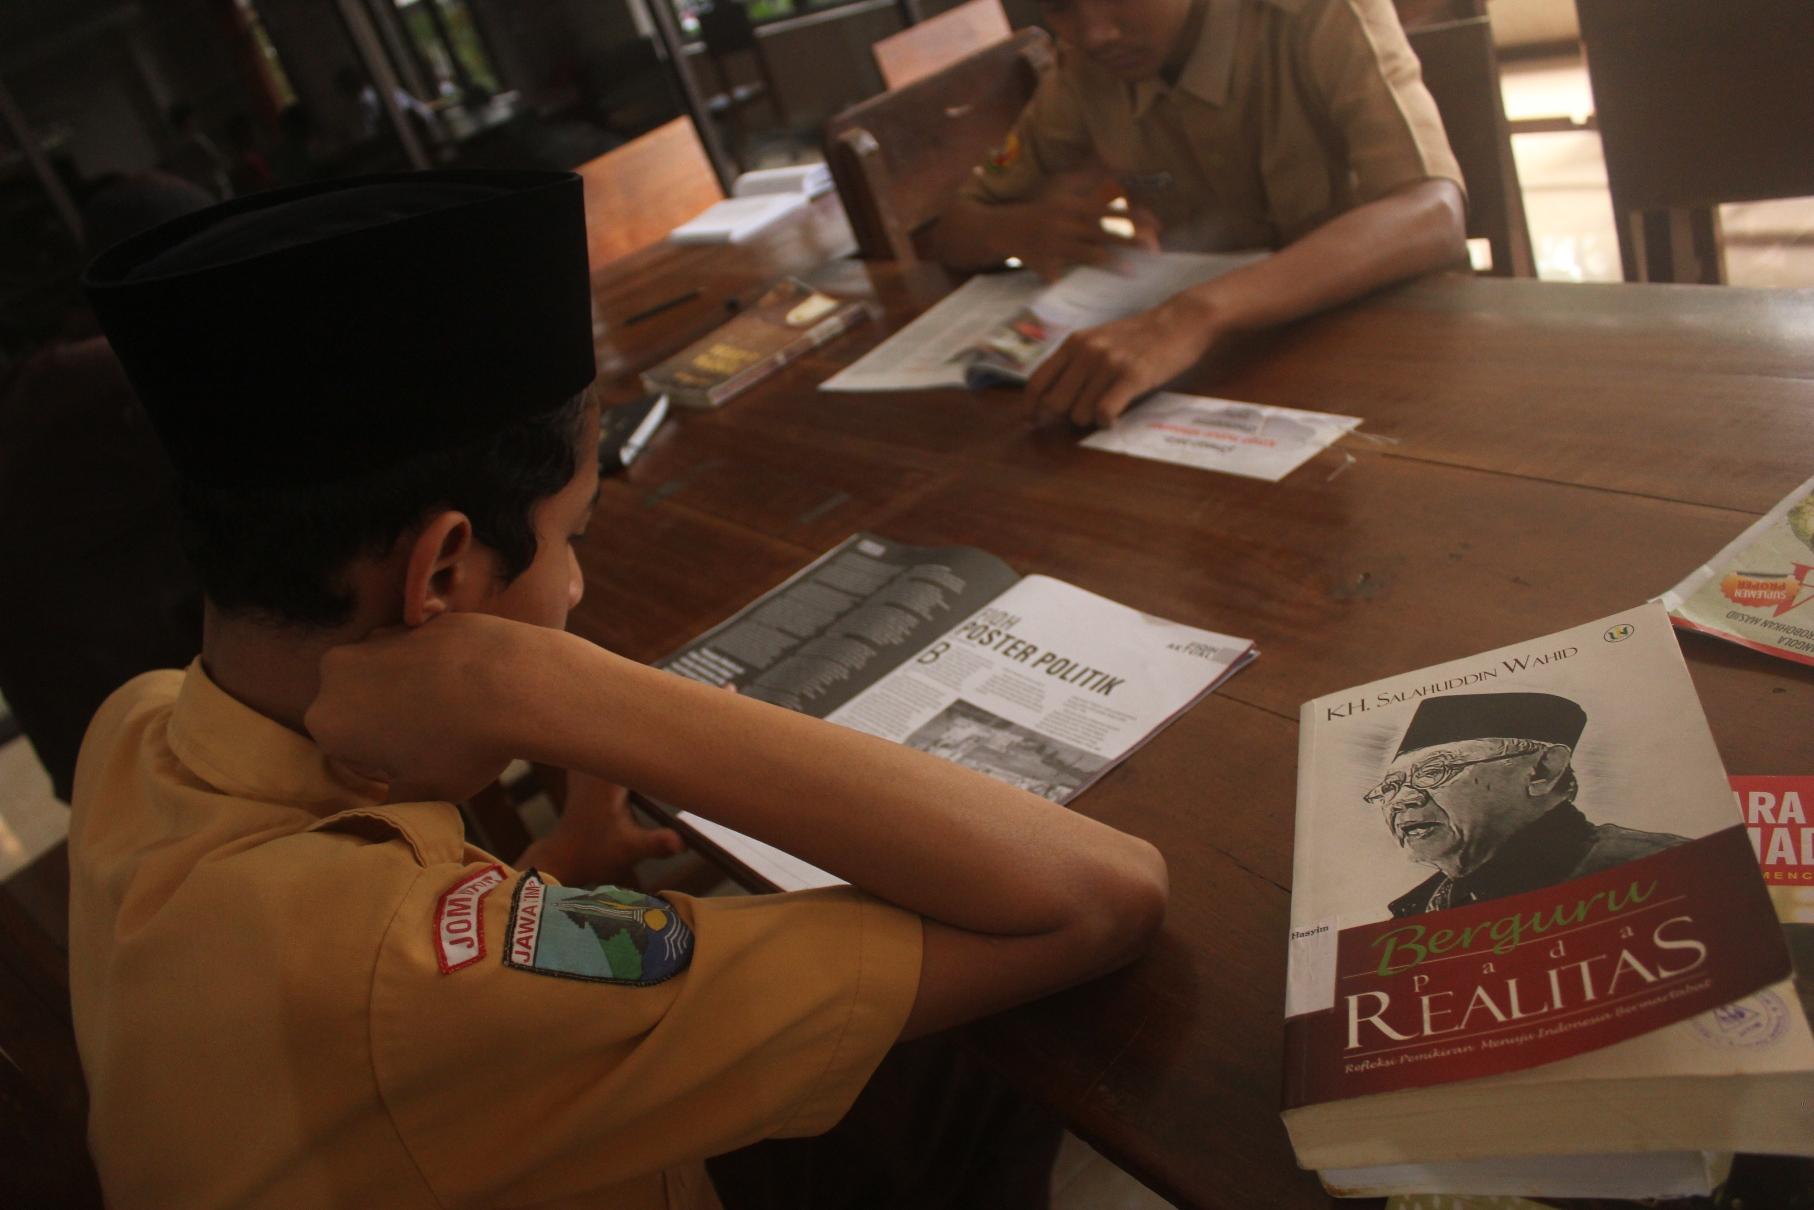 Seorang santri Pesantren Tebuireng membaca Majalah Tebuireng di Perpus Pesantren dan disampaingnya ada buku Belajar dari Realitas karya KH. Salahuddin Wahid pengasuh pesantren antrian buku untuk dibaca selanjutnya.